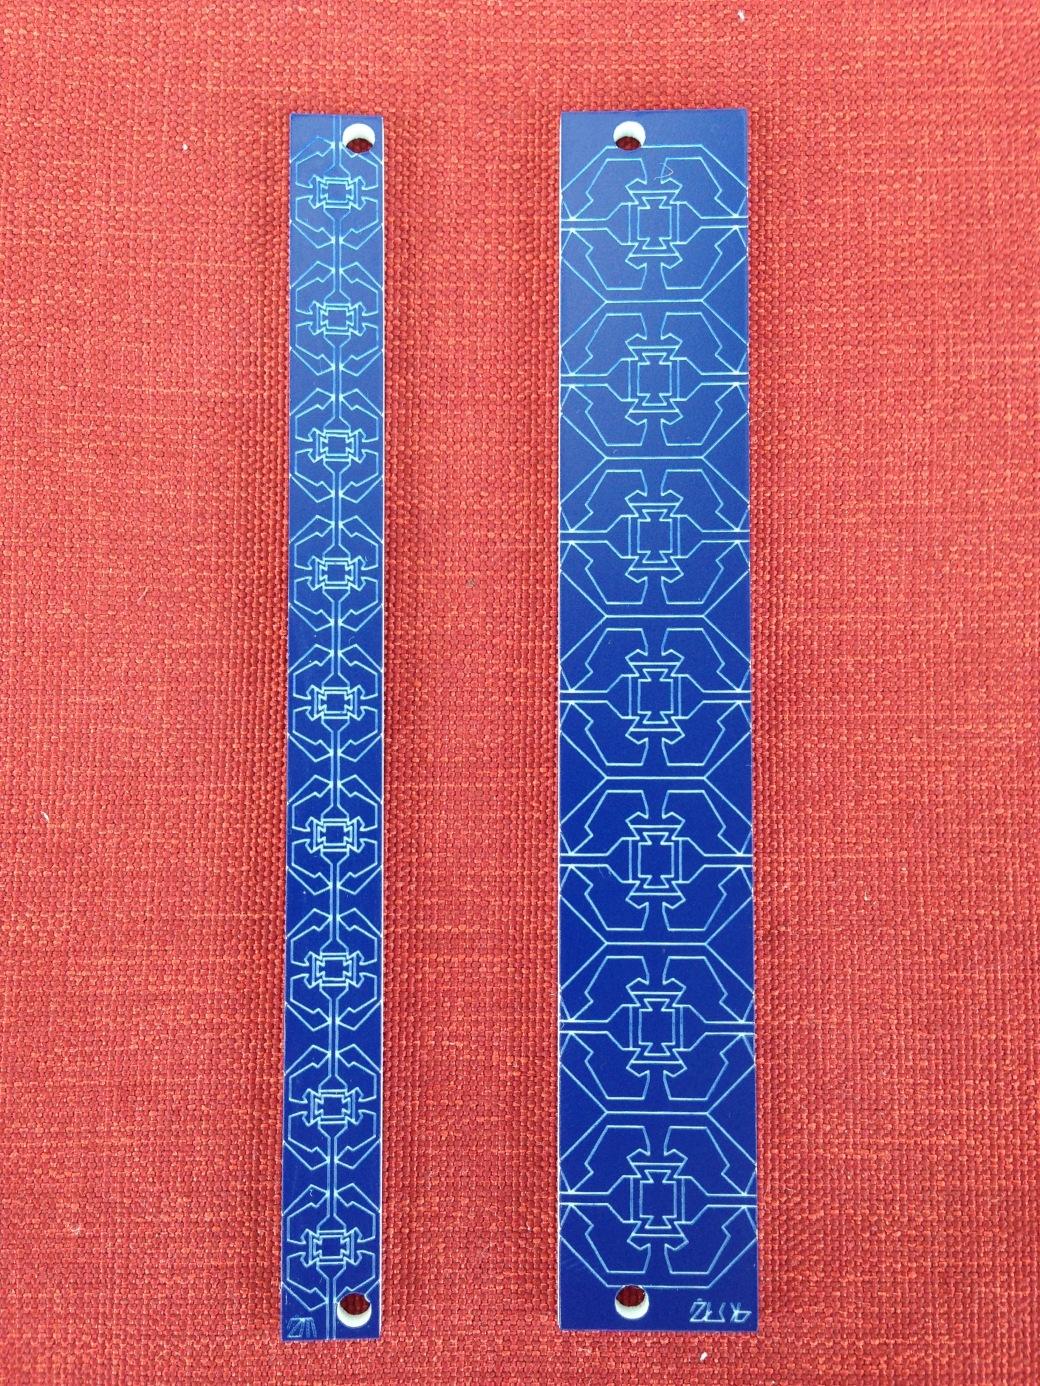 new_carpet_blanks